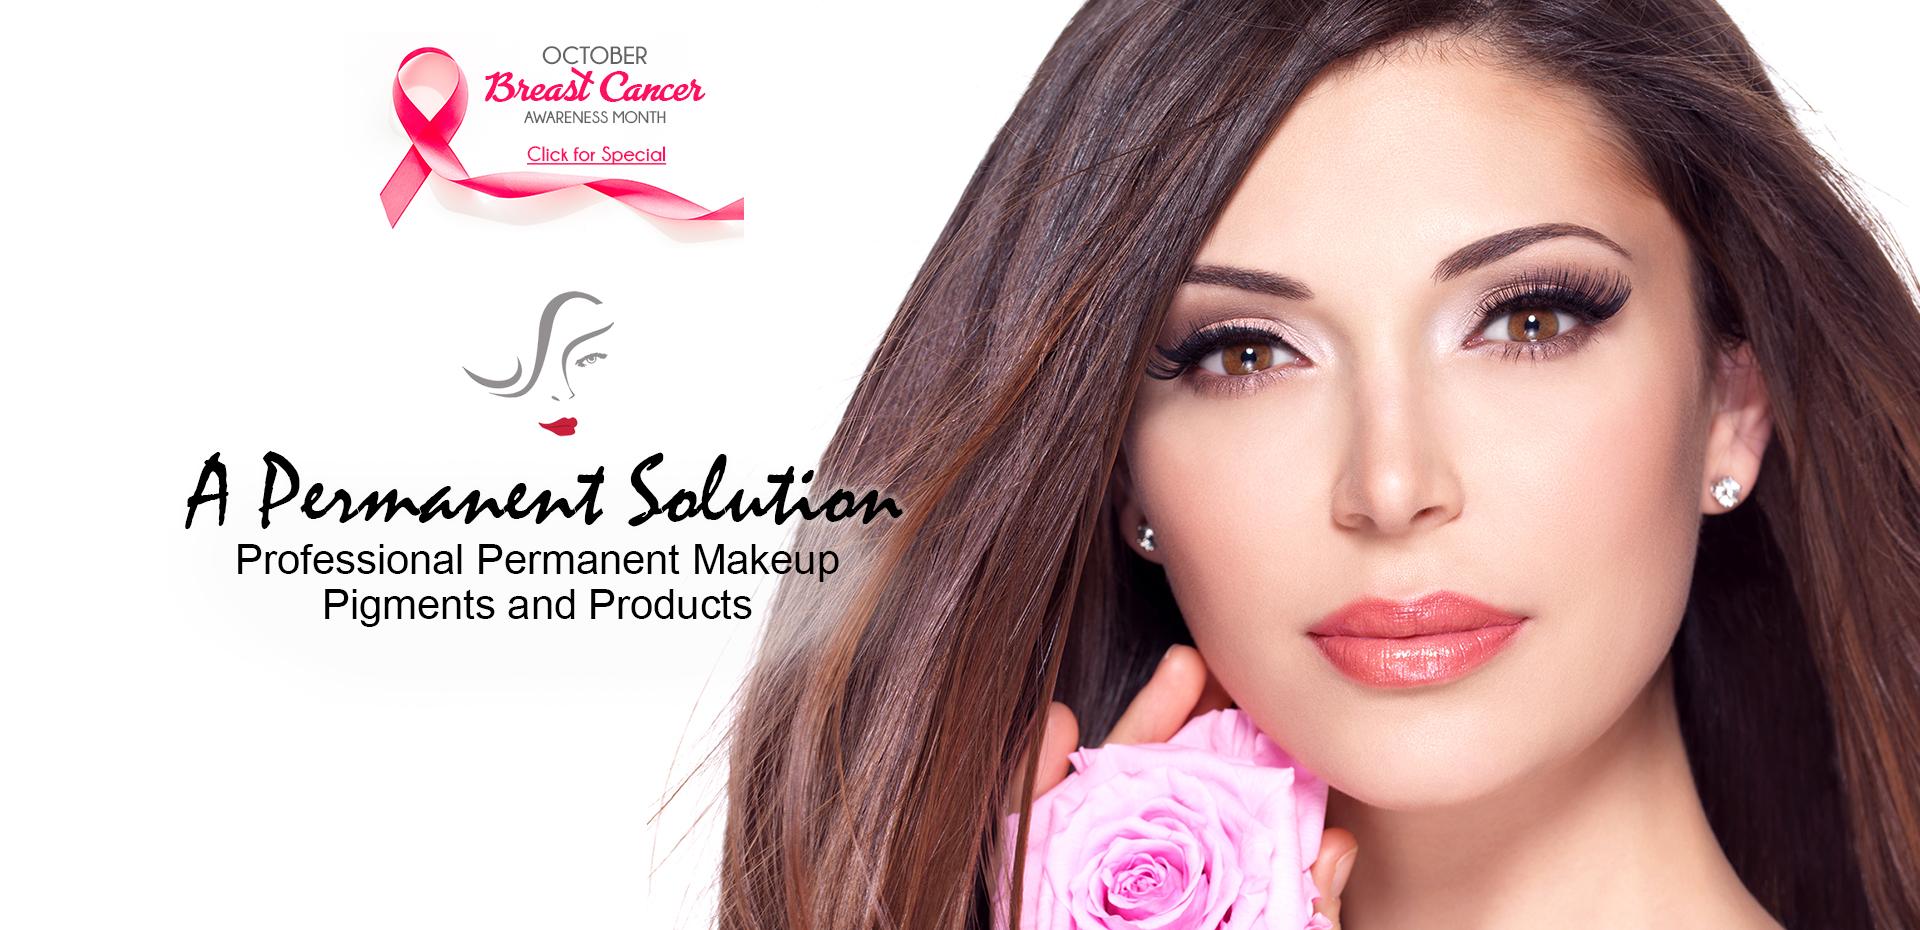 A Permanent Solution - Permanent Makeup Pigments